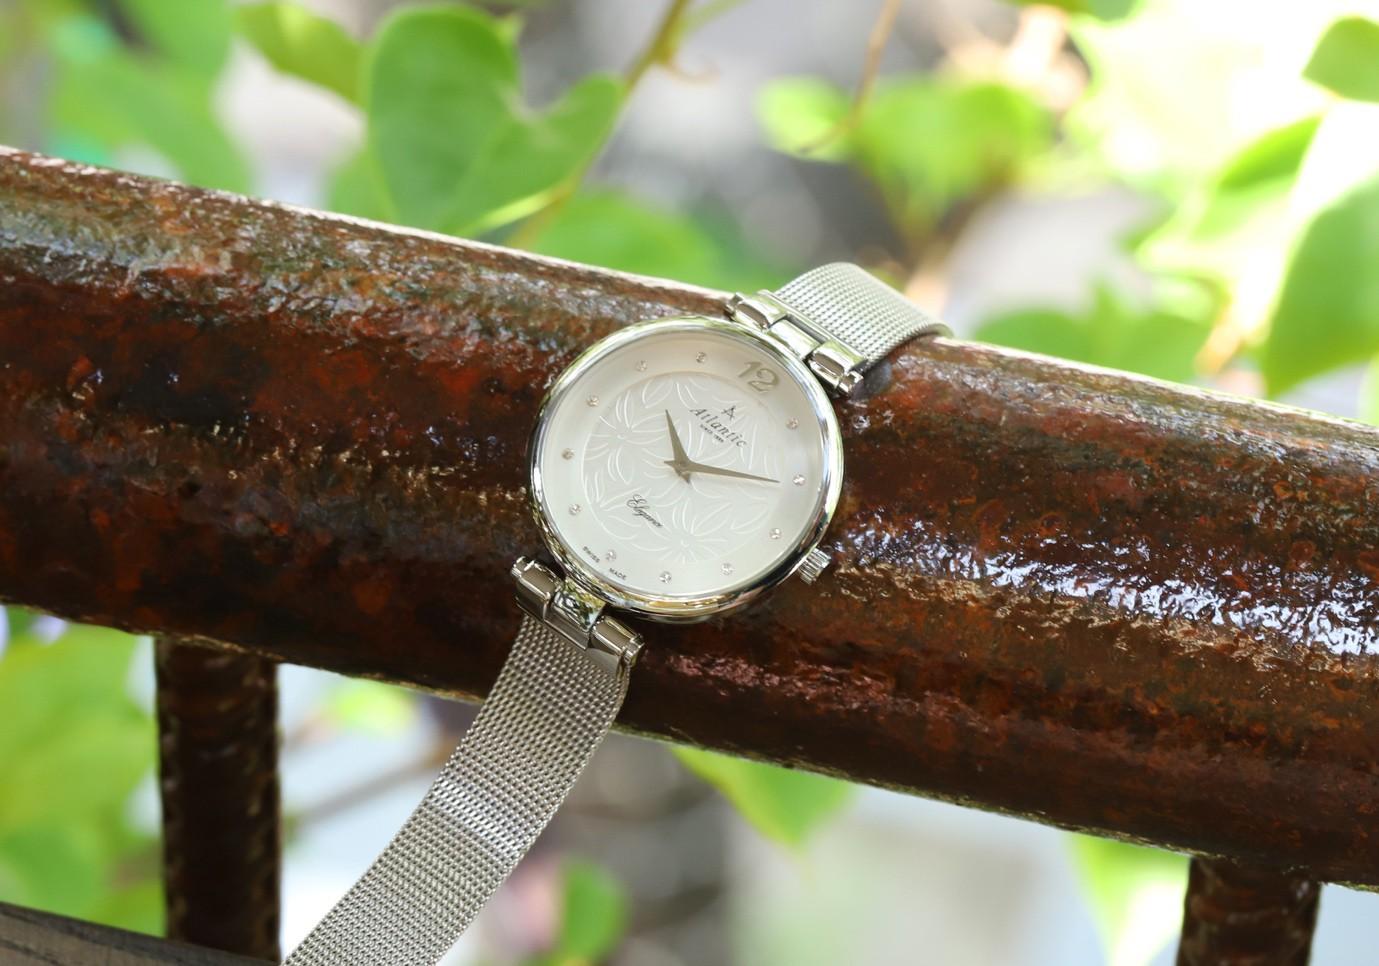 Đăng Quang Watch giảm giá lên đến 30% kèm nhiều ưu đãi hấp dẫn dịp 20/10 - Ảnh 2.